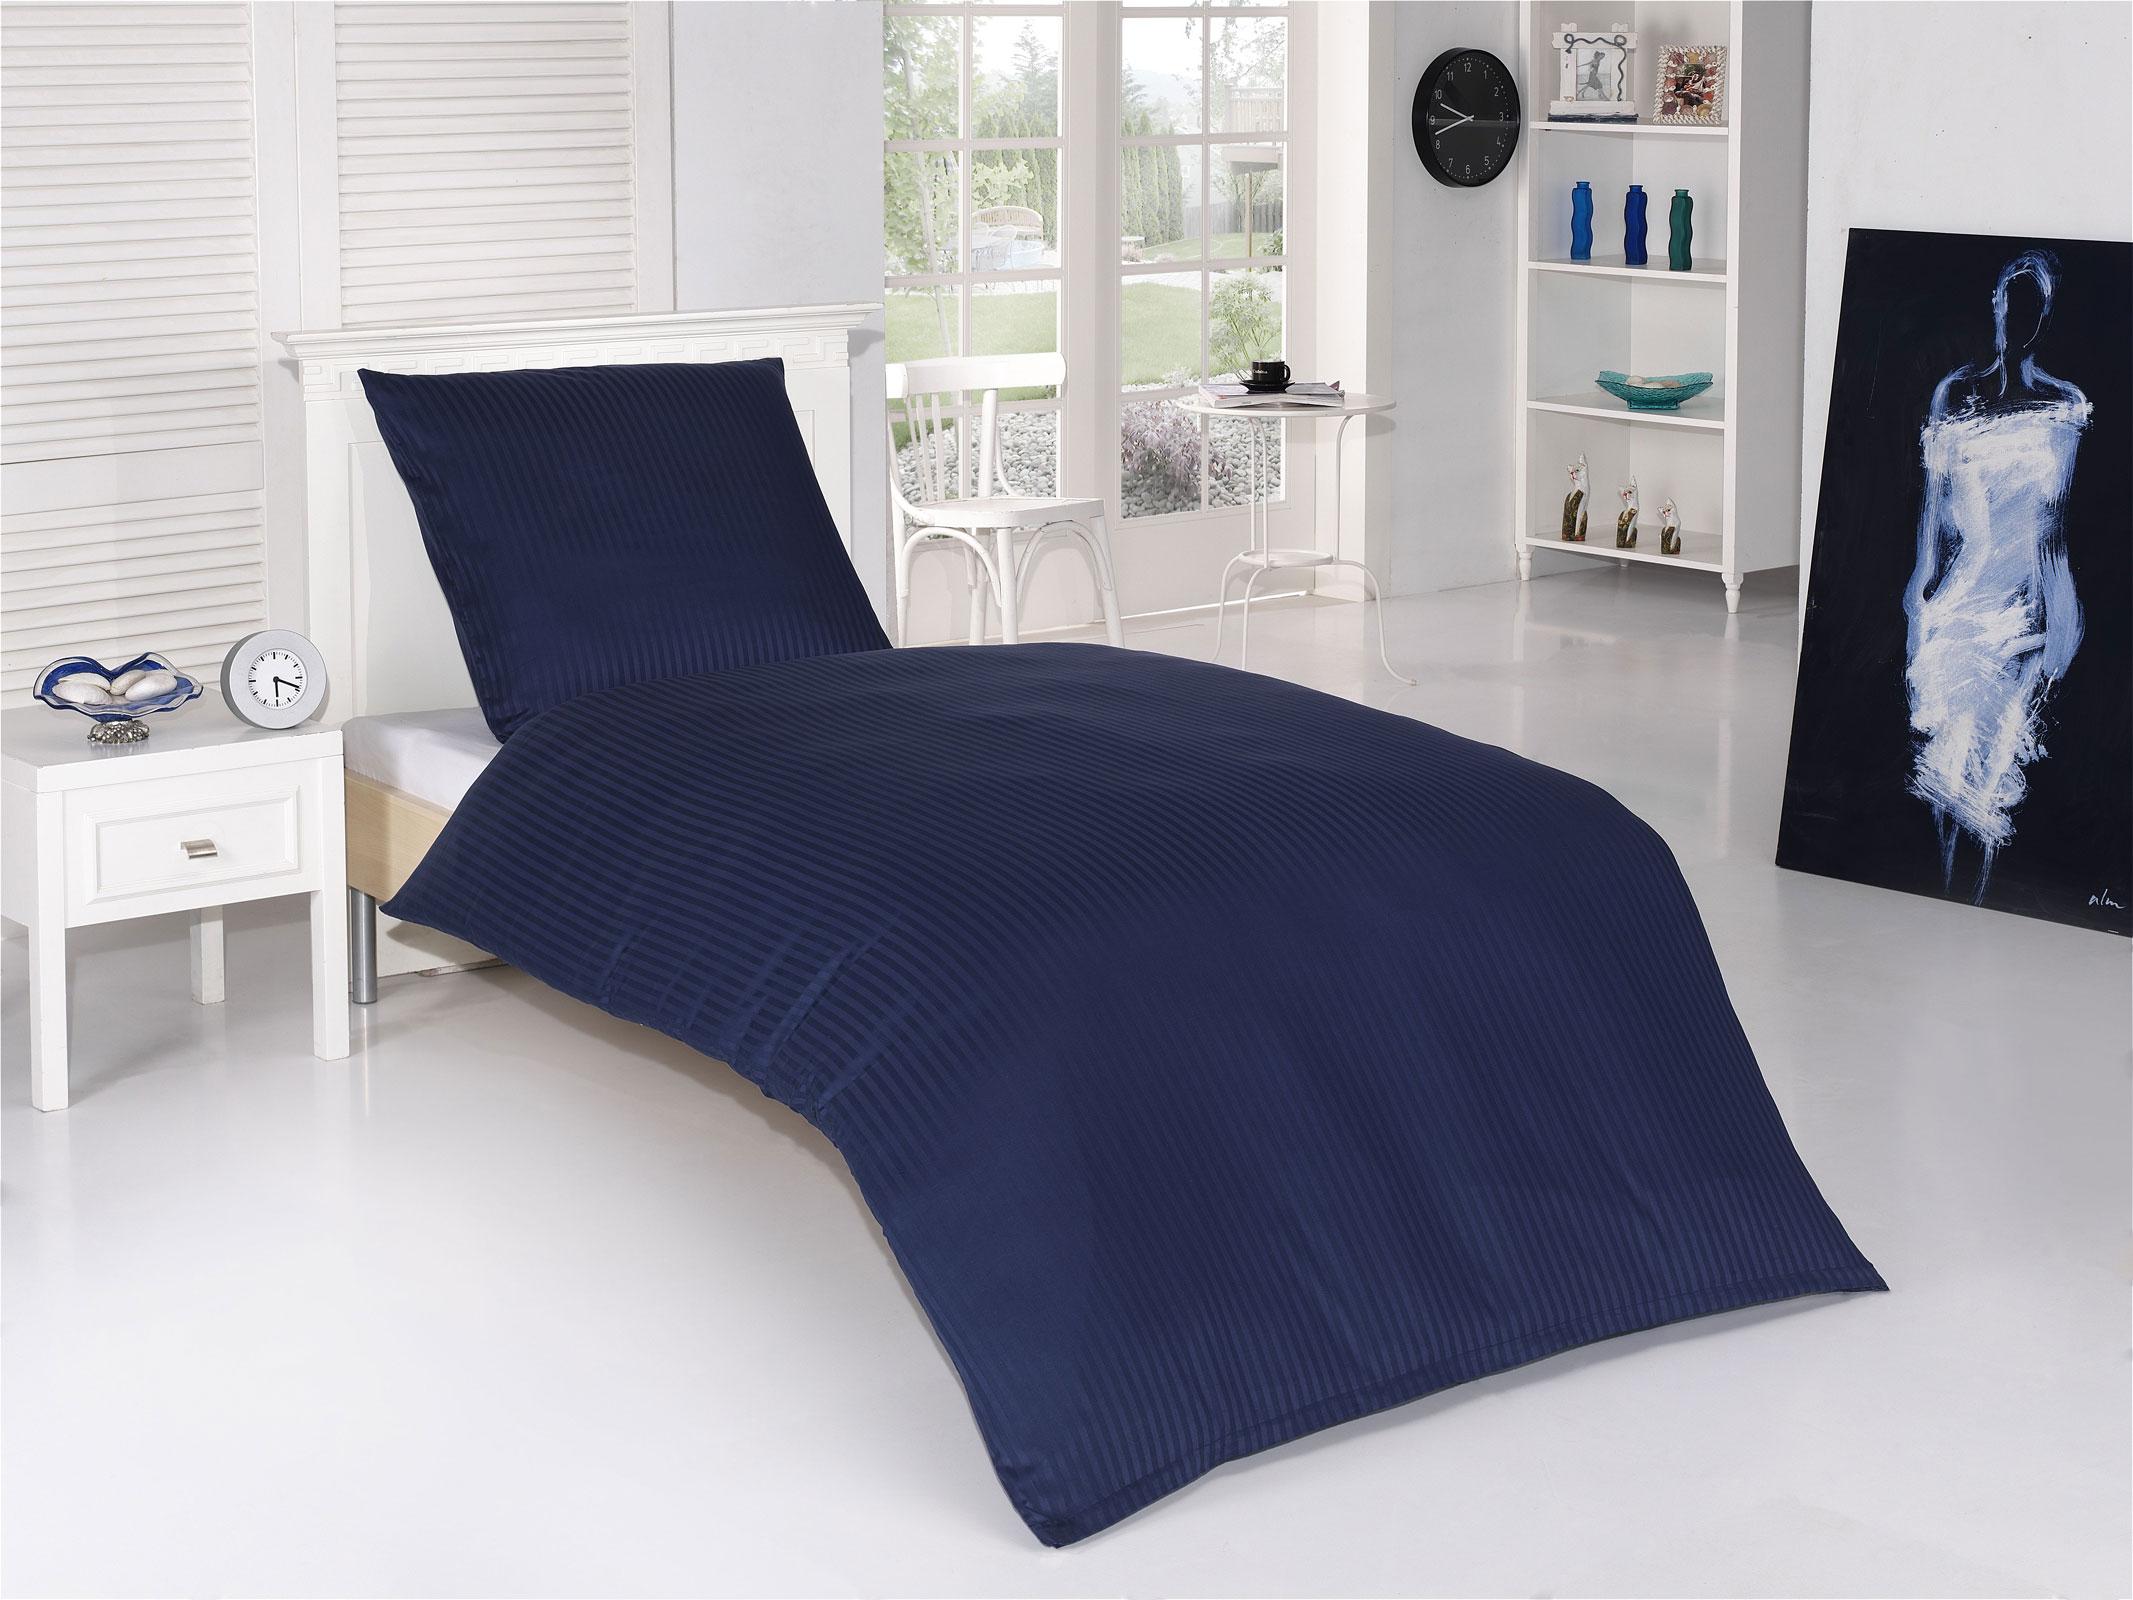 premium bettw sche mako satin damast 100 baumwolle hotel bettgarnitur ebay. Black Bedroom Furniture Sets. Home Design Ideas